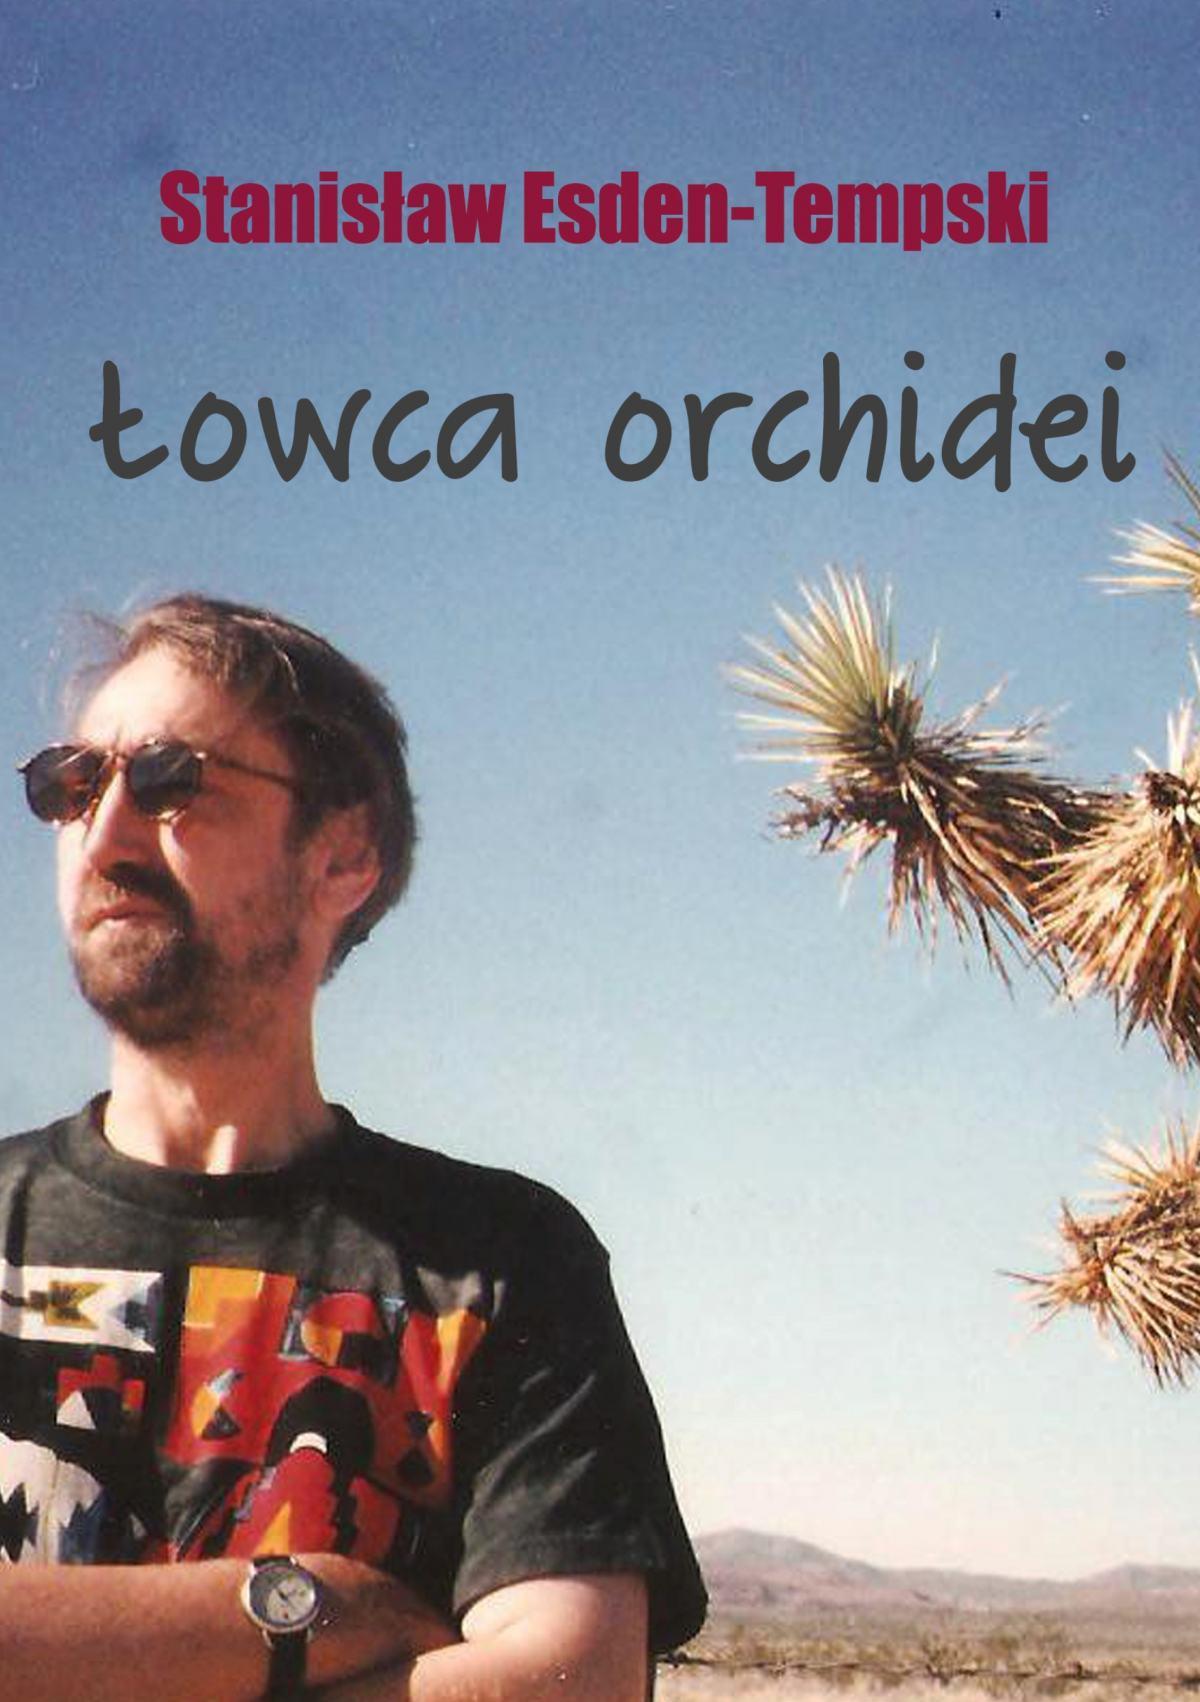 Łowca orchidei. Trylogia heteroseksualna. Część 1 - Ebook (Książka na Kindle) do pobrania w formacie MOBI